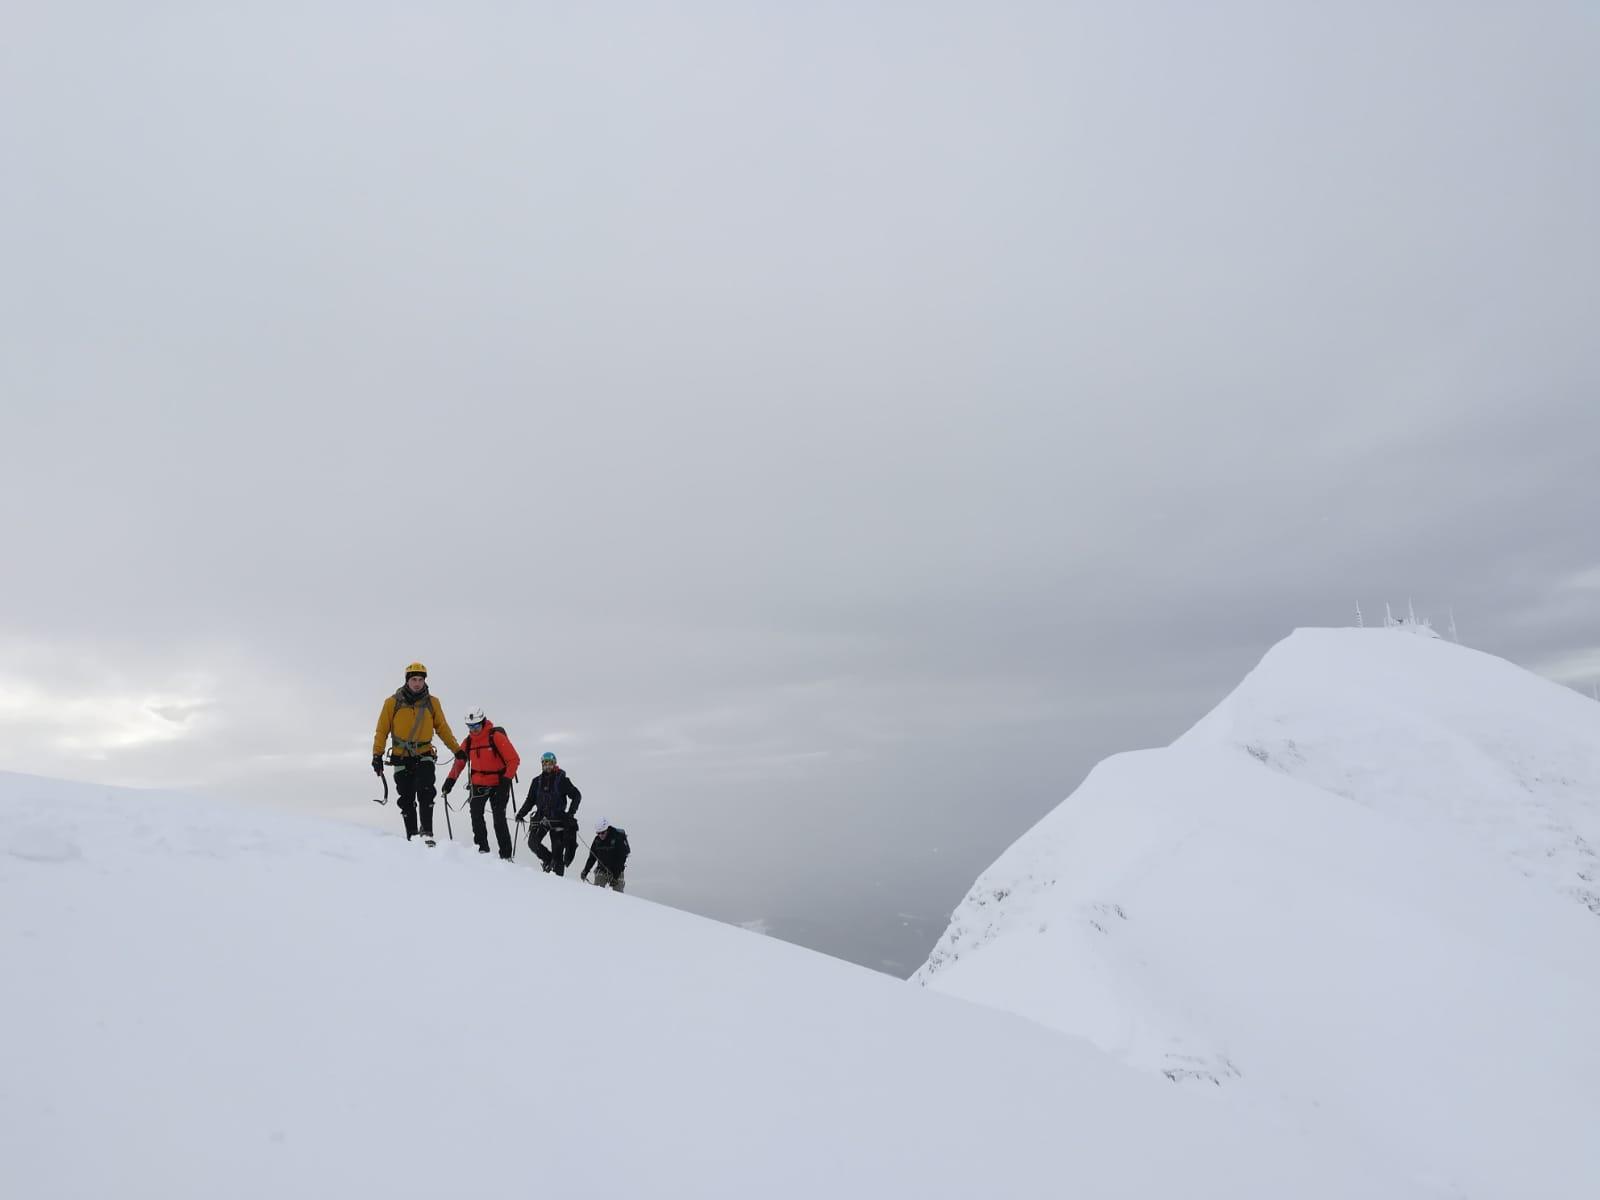 alpinismo terminillo outdoor srl neve